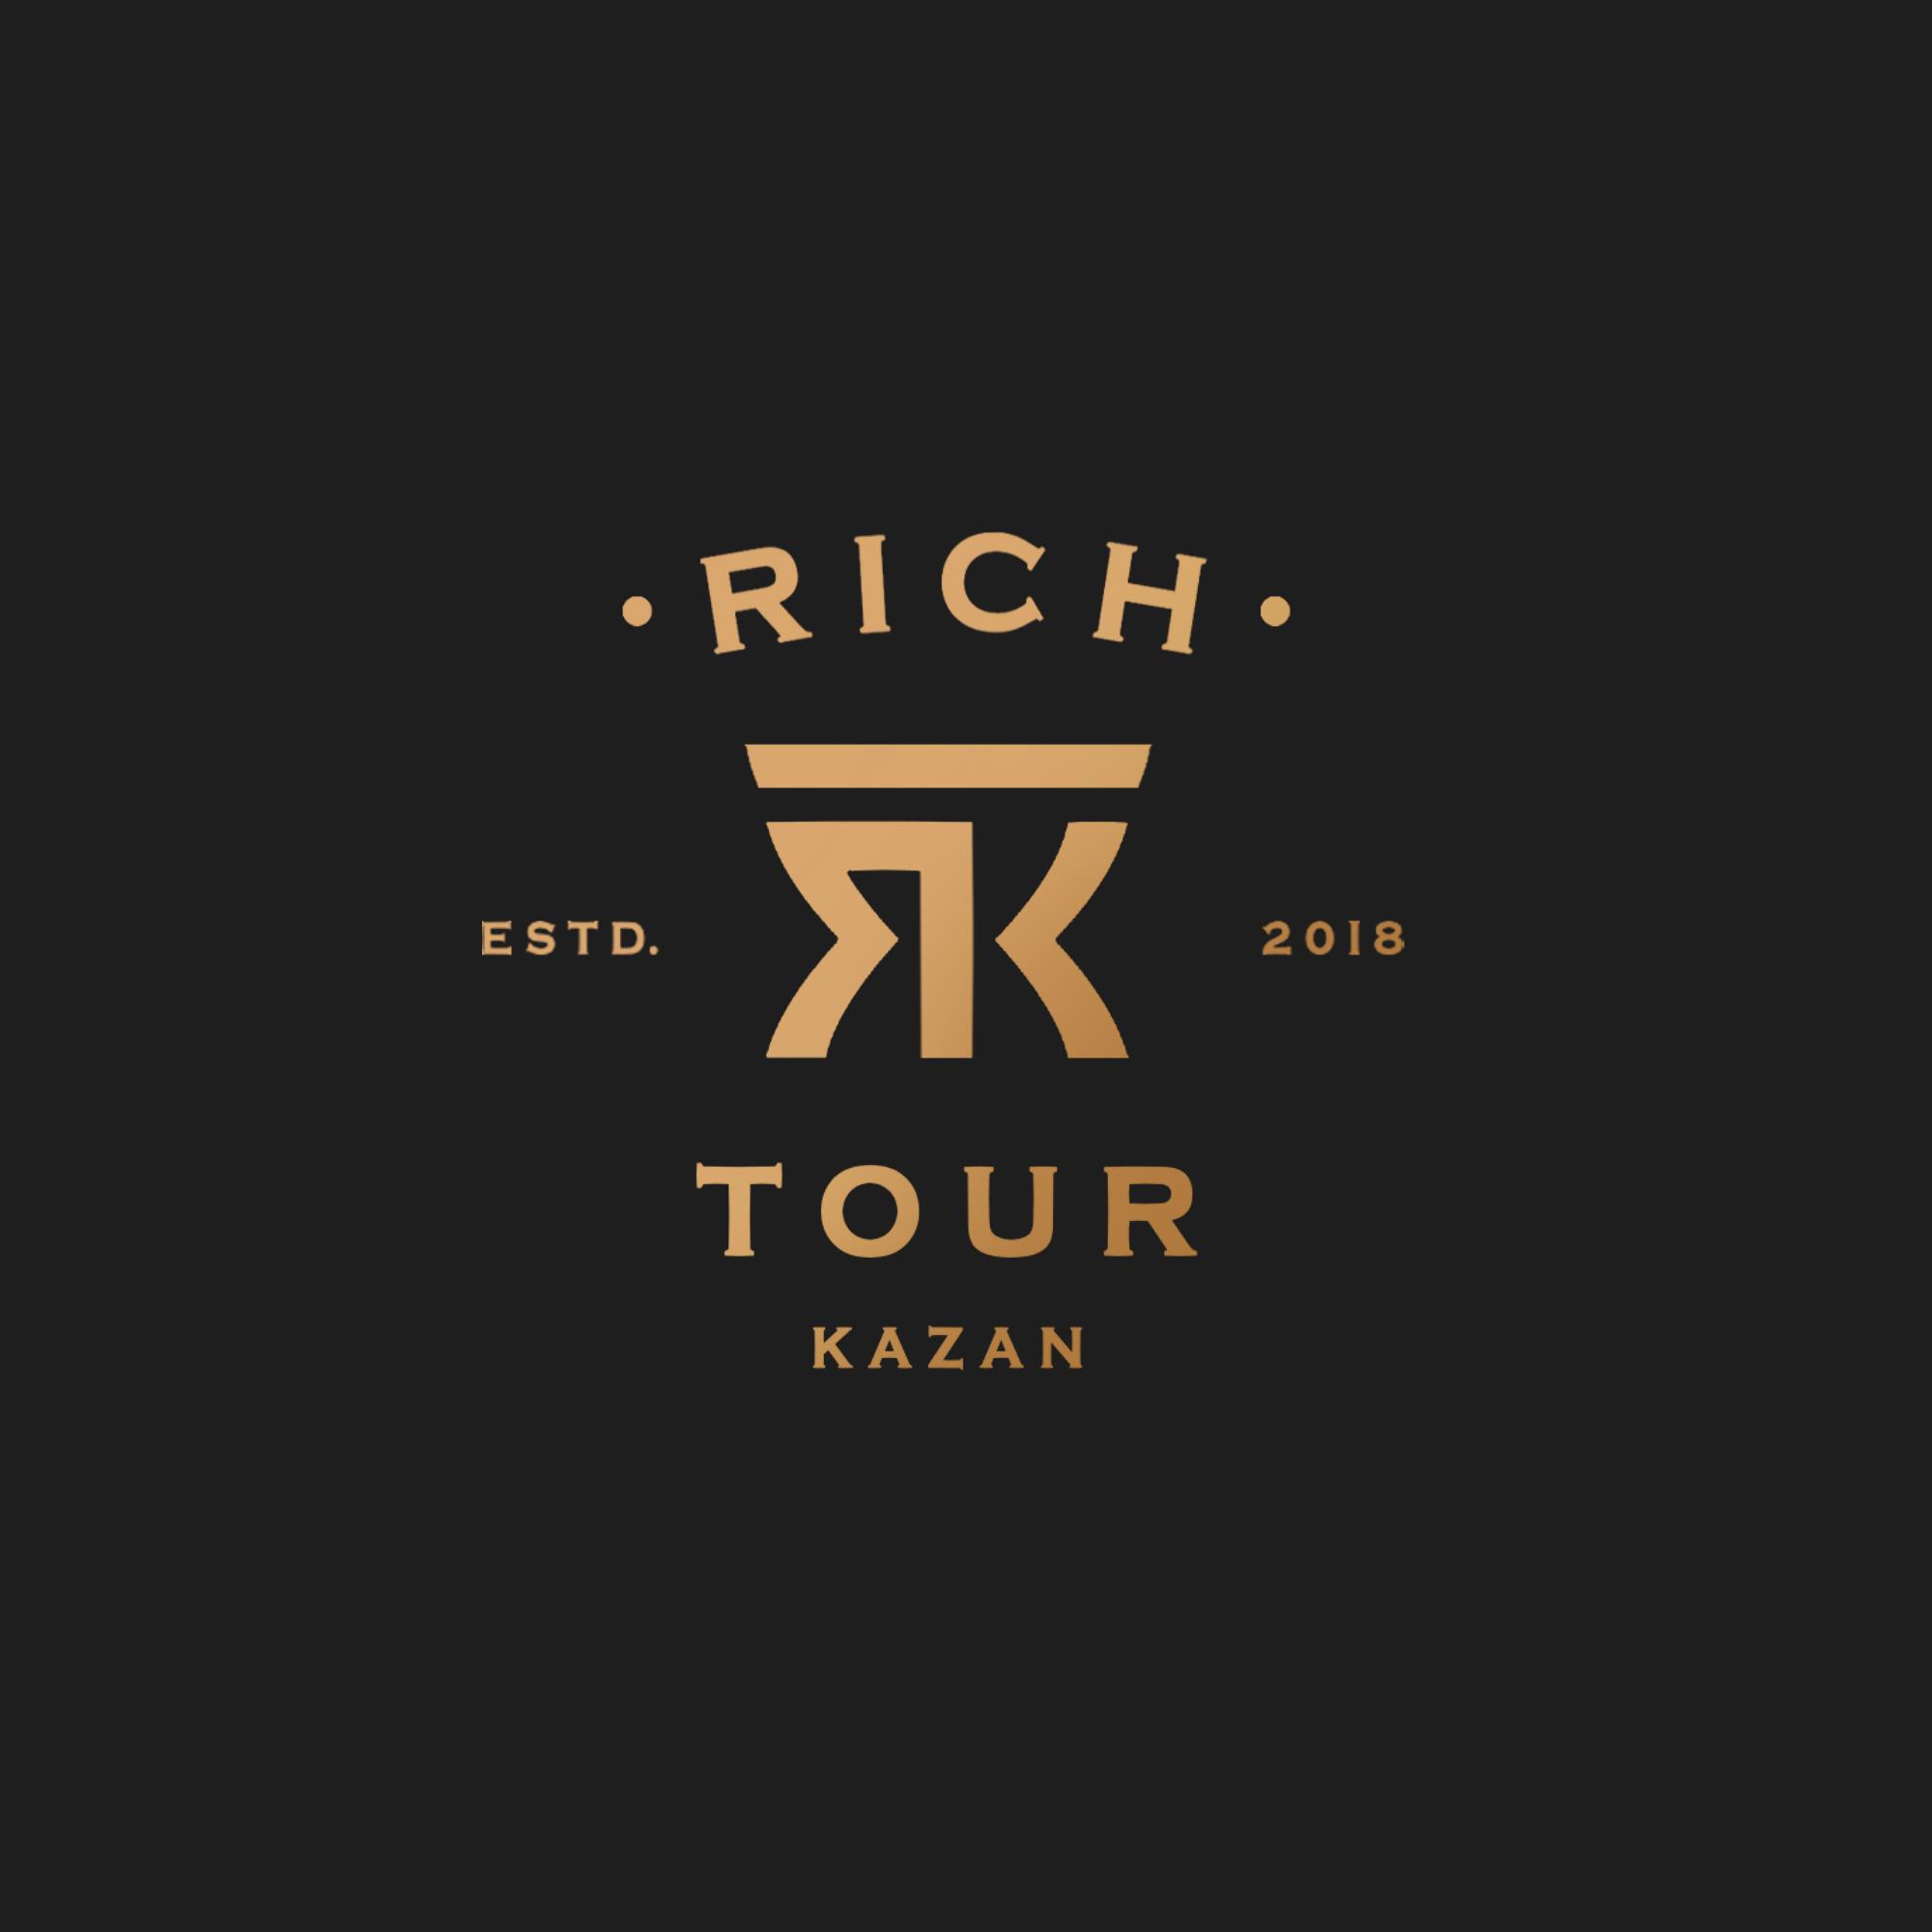 Rich Tour Kazan #2 (logo design)